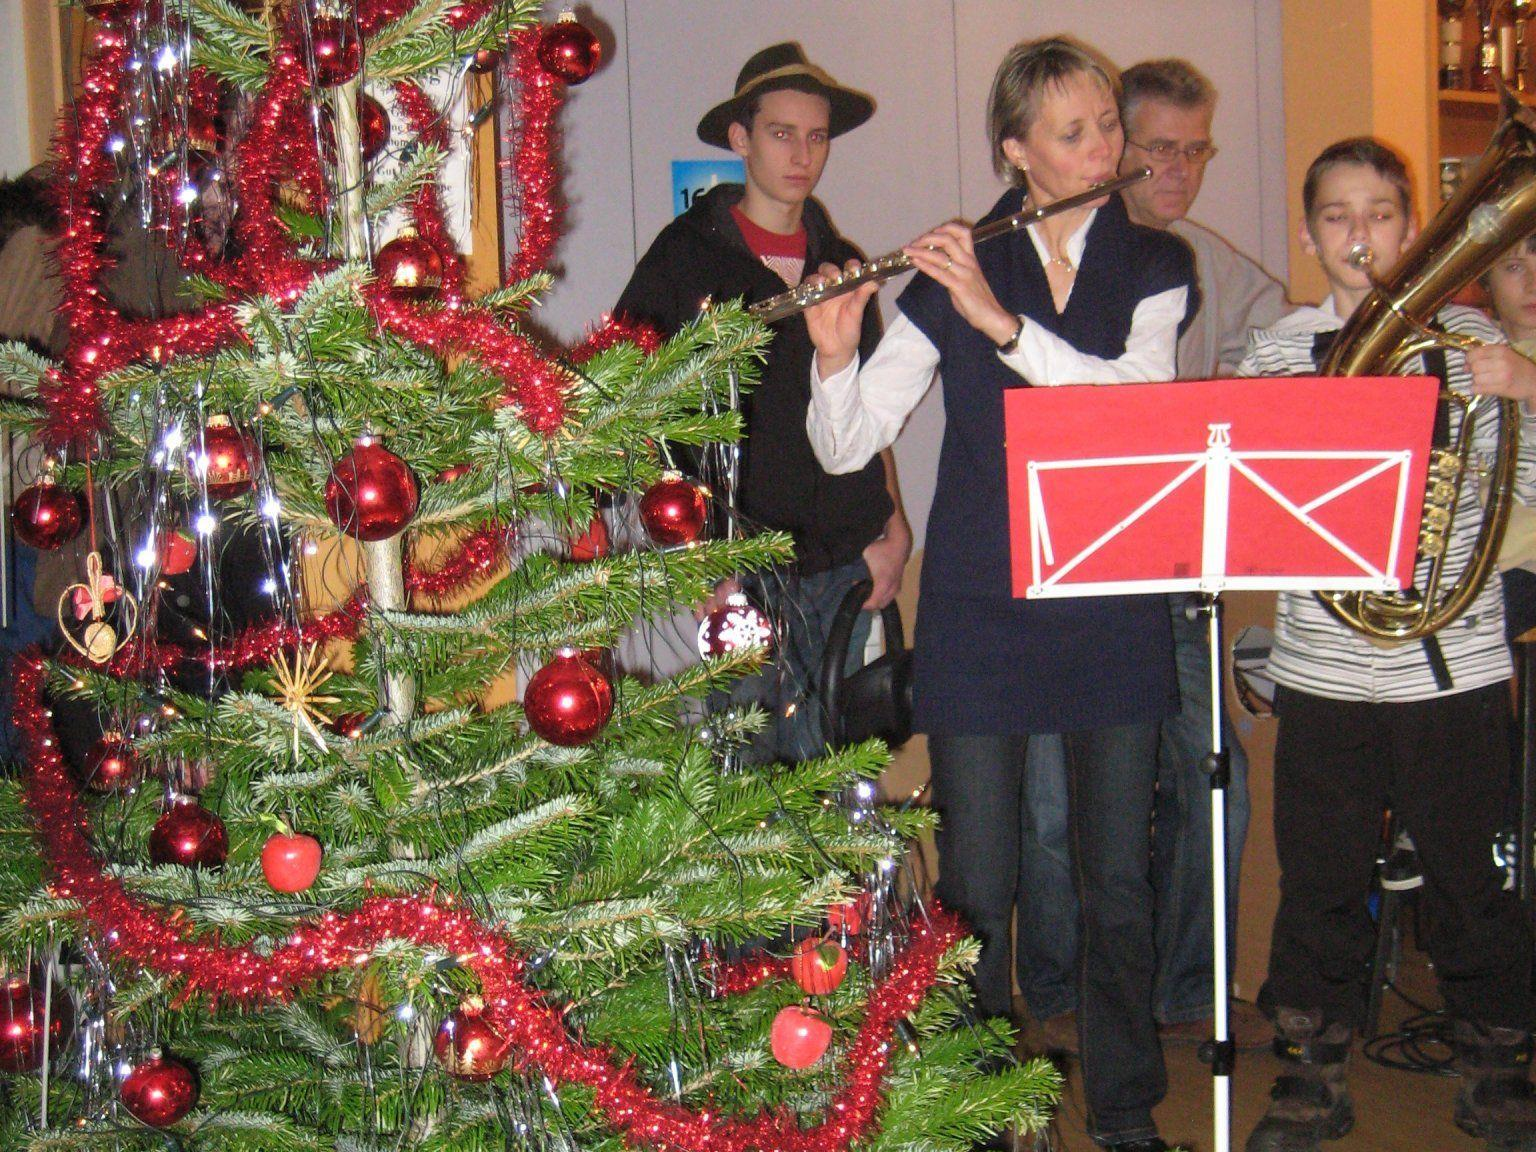 Weihnachten Feiern.Gemeinsam Weihnachten Feiern Rankweil Vol At